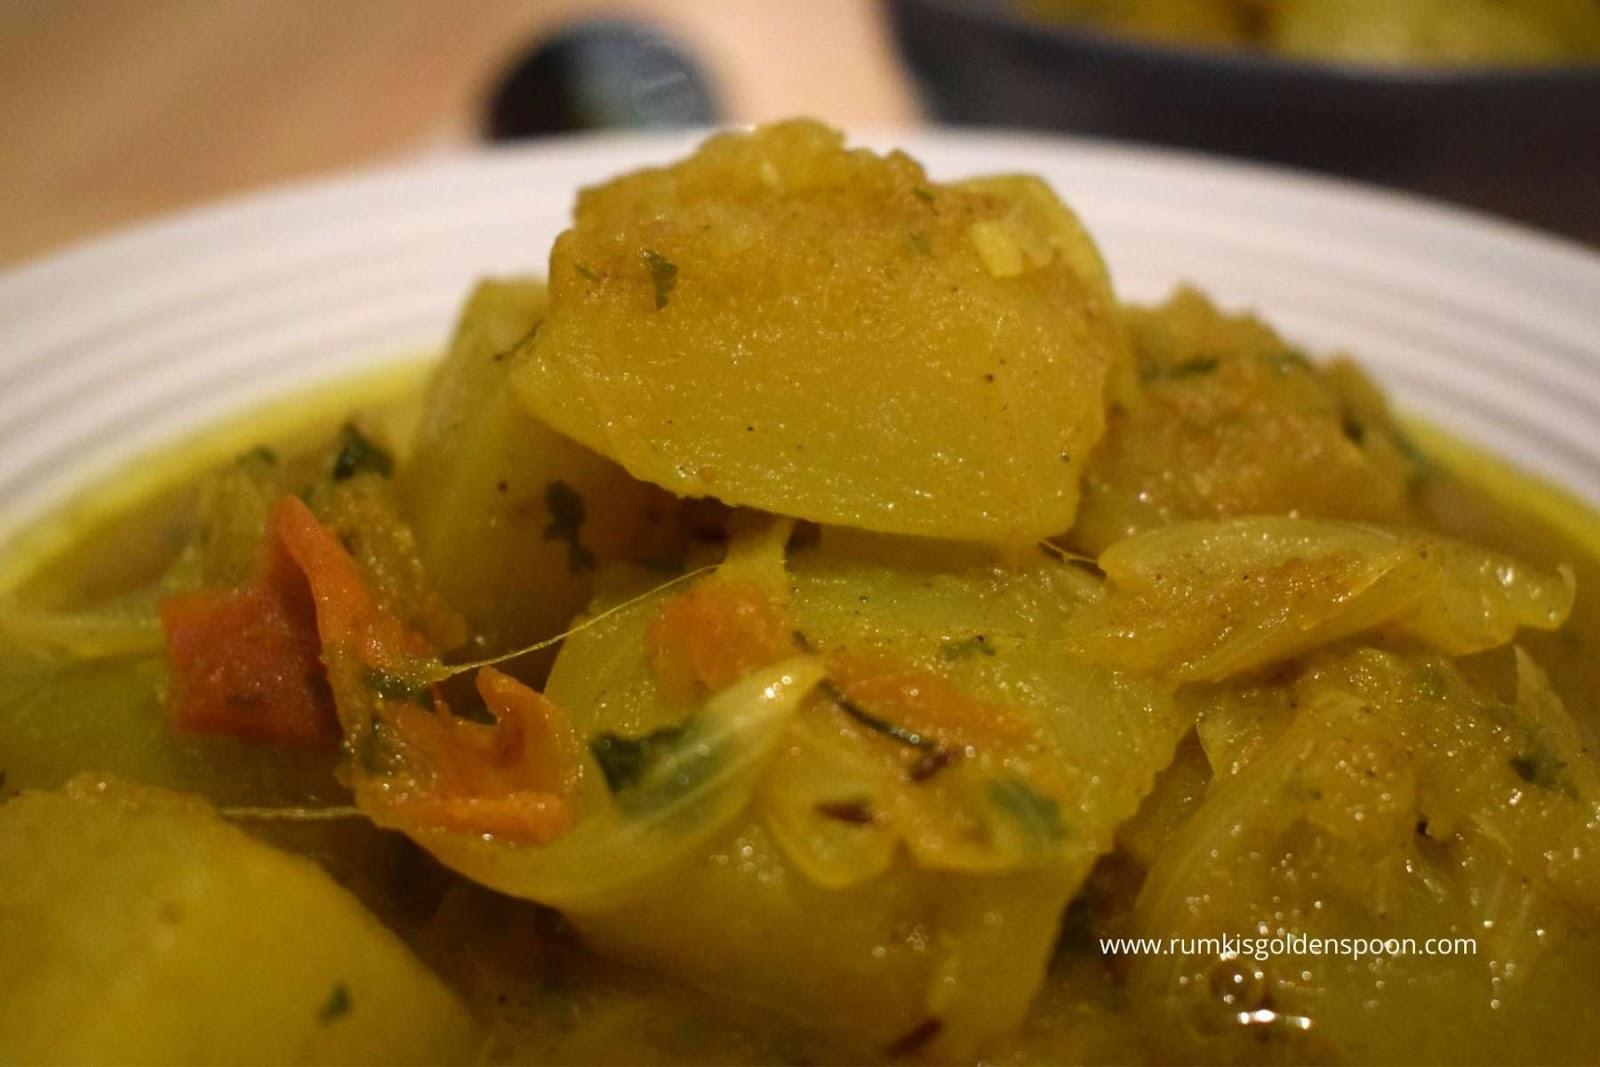 Vegetarian Marrow Recipes, Marrow Fry, marrow recipes, marrow curry, Vegetable Curry, Rumki's Golden Spoon